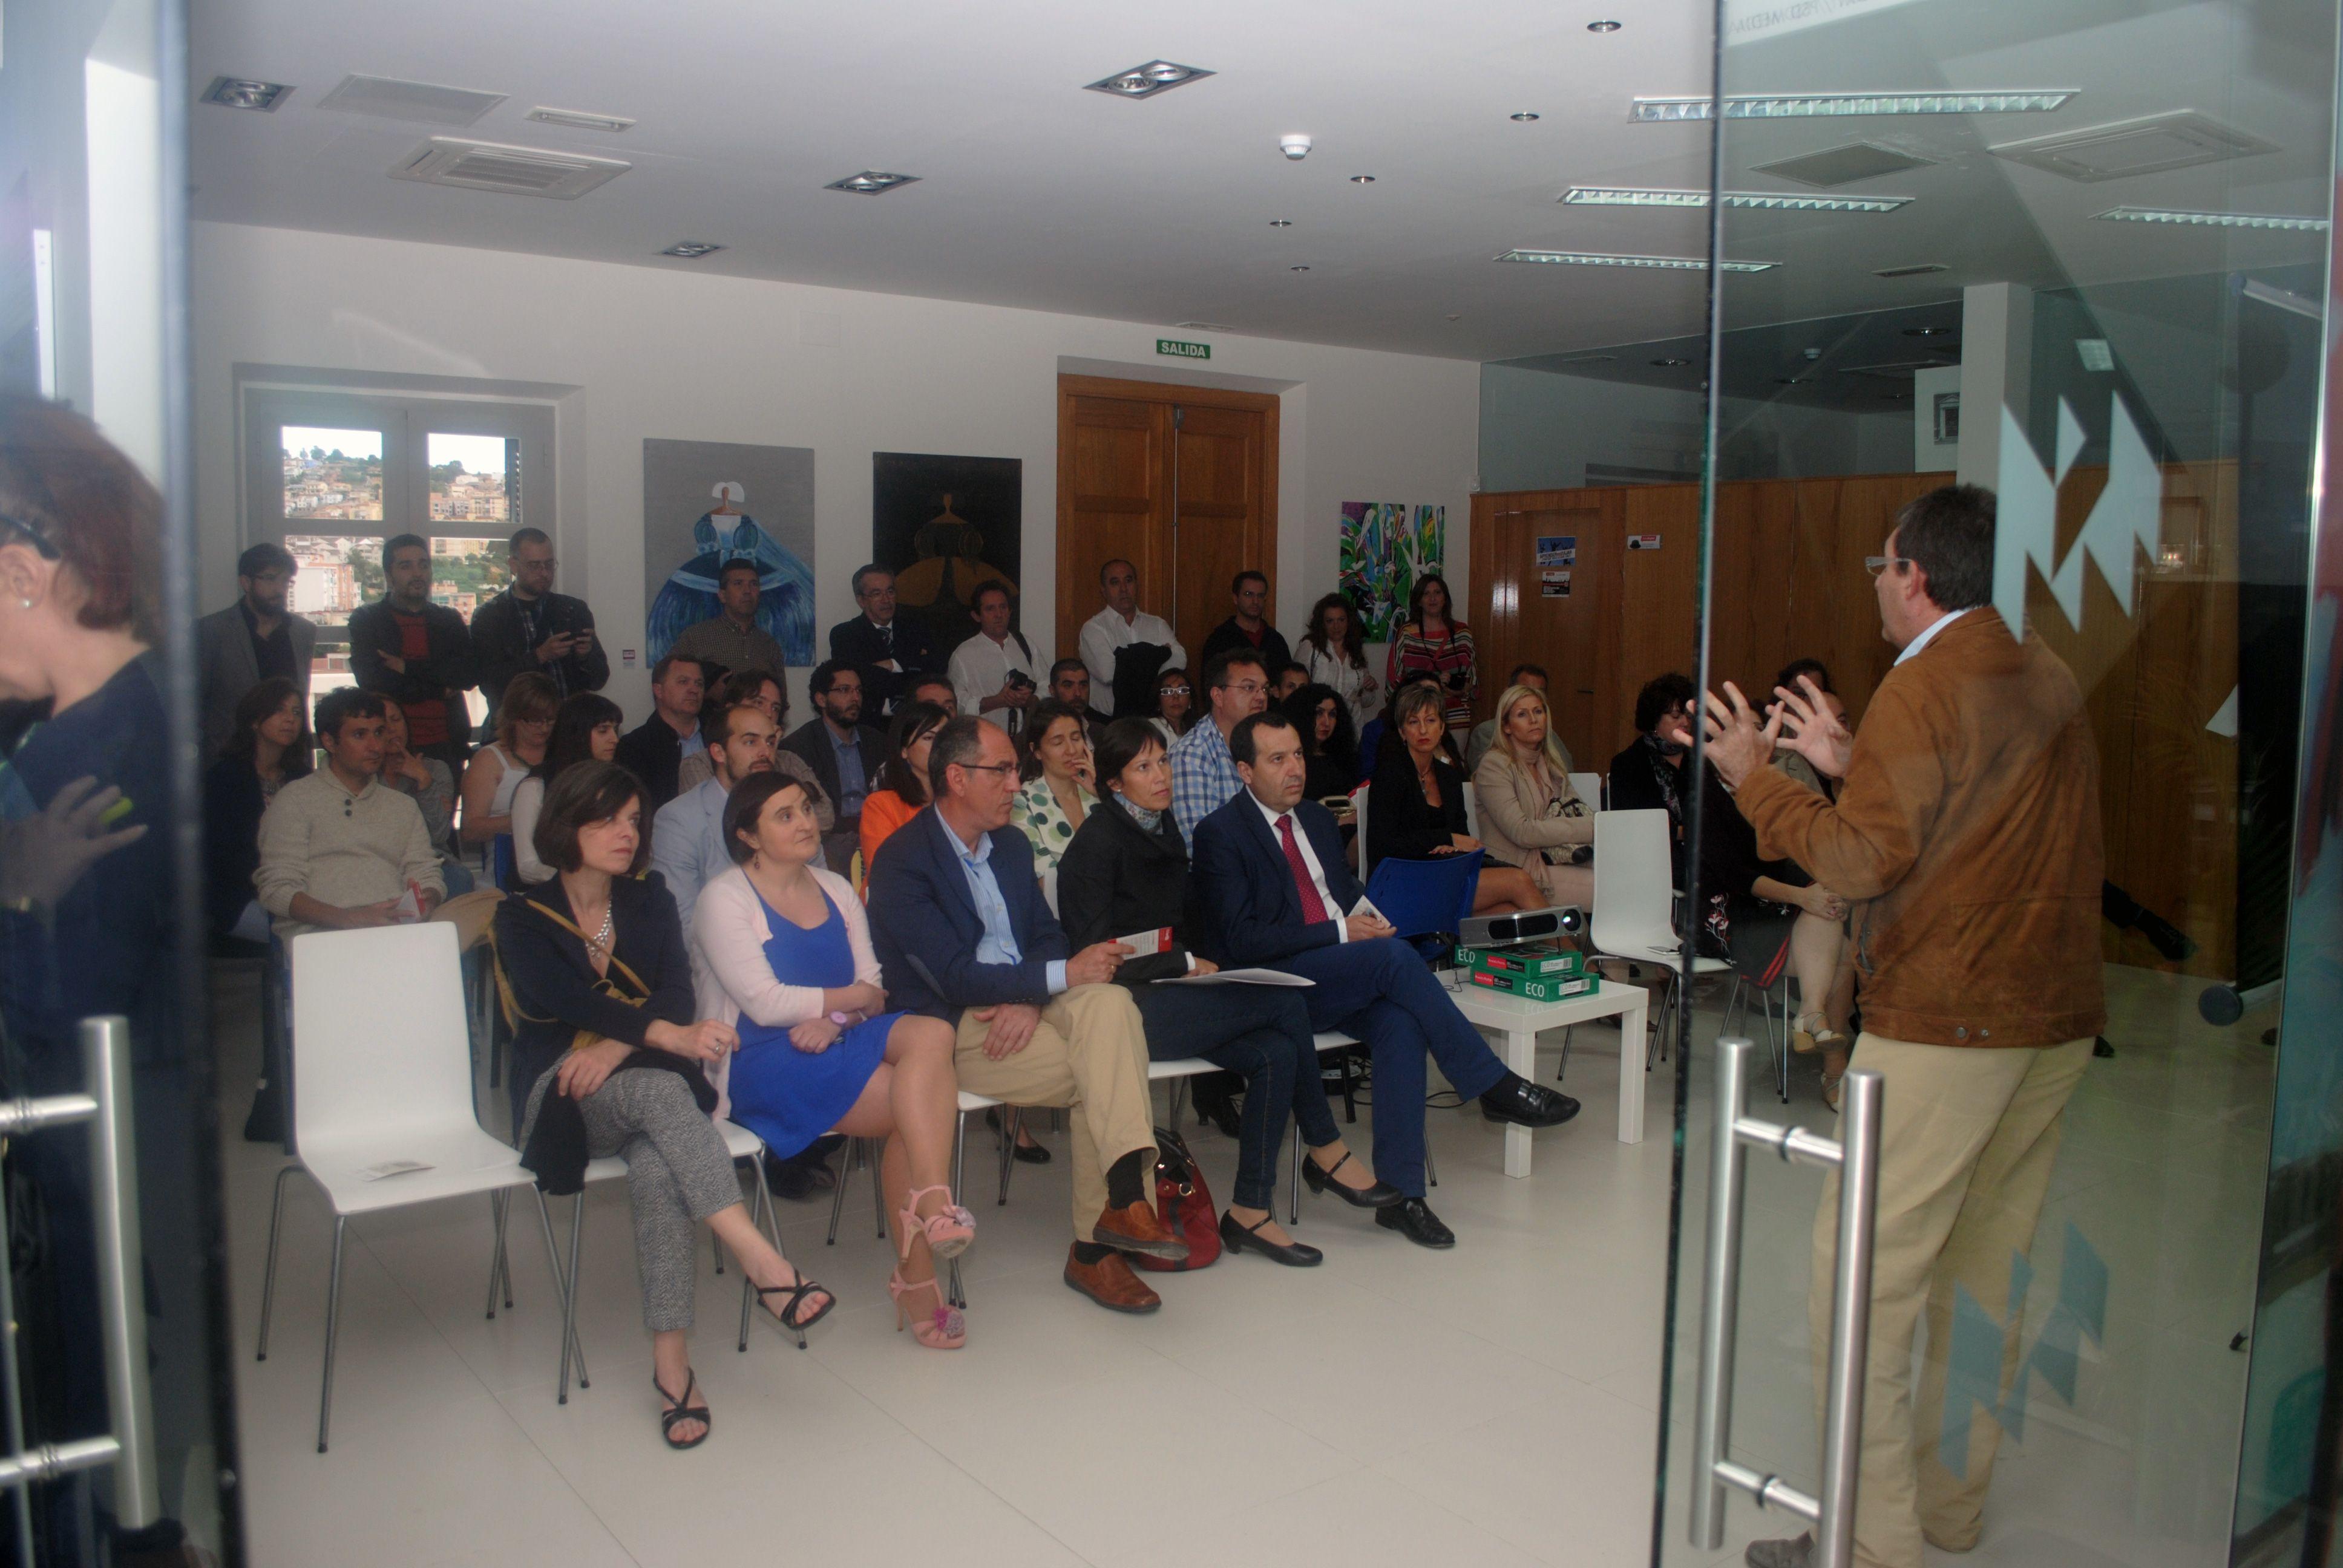 Presentación de Smart Ibérica, Cooperativa de Impulso empresarial. Diciembre 2013. David Pino, director de CADE Estrategias en Sevilla